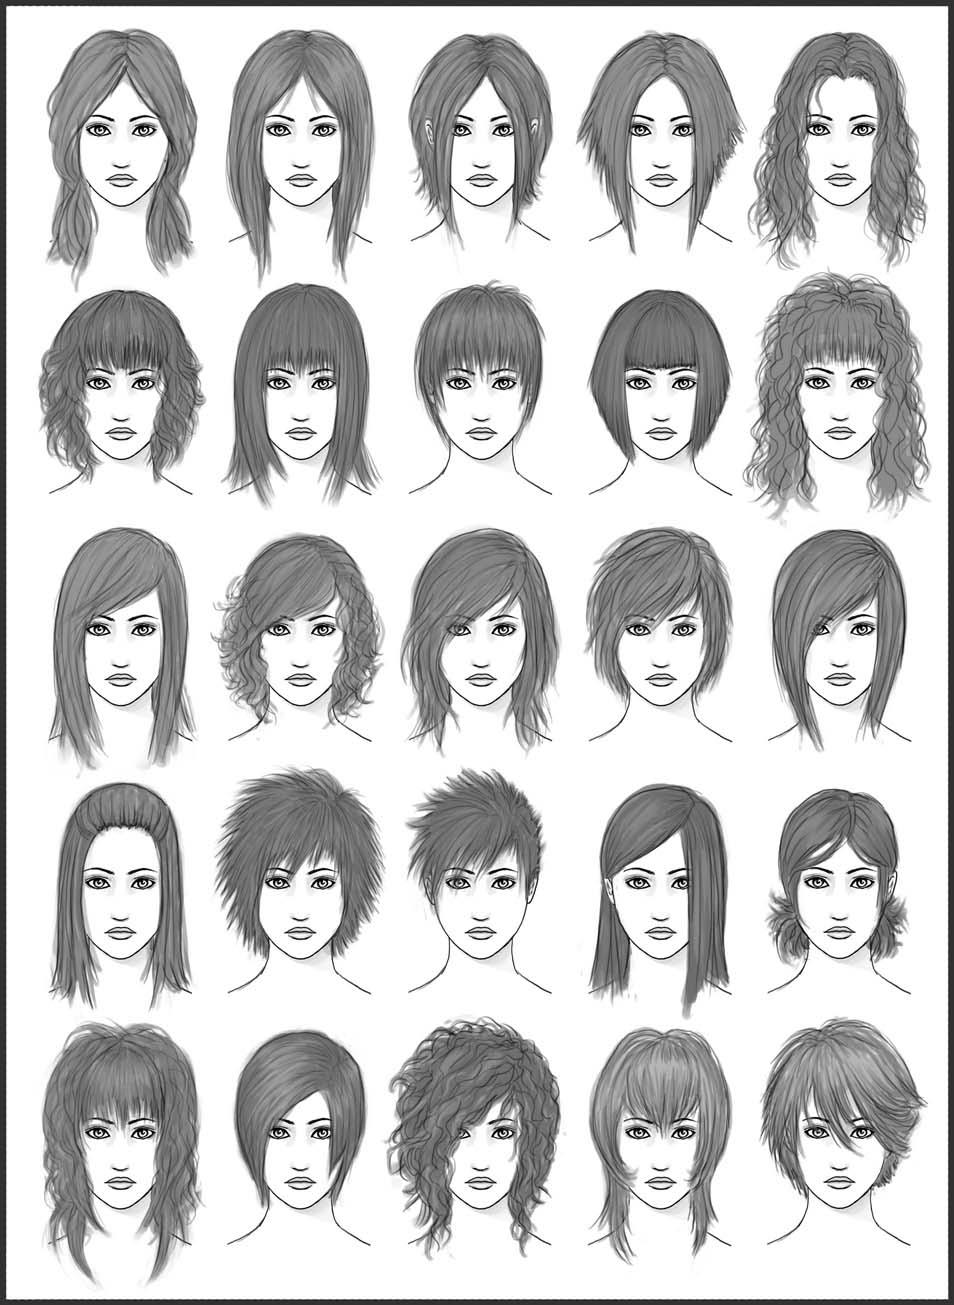 Women S Hair Set 2 By Dark Sheikah On Deviantart